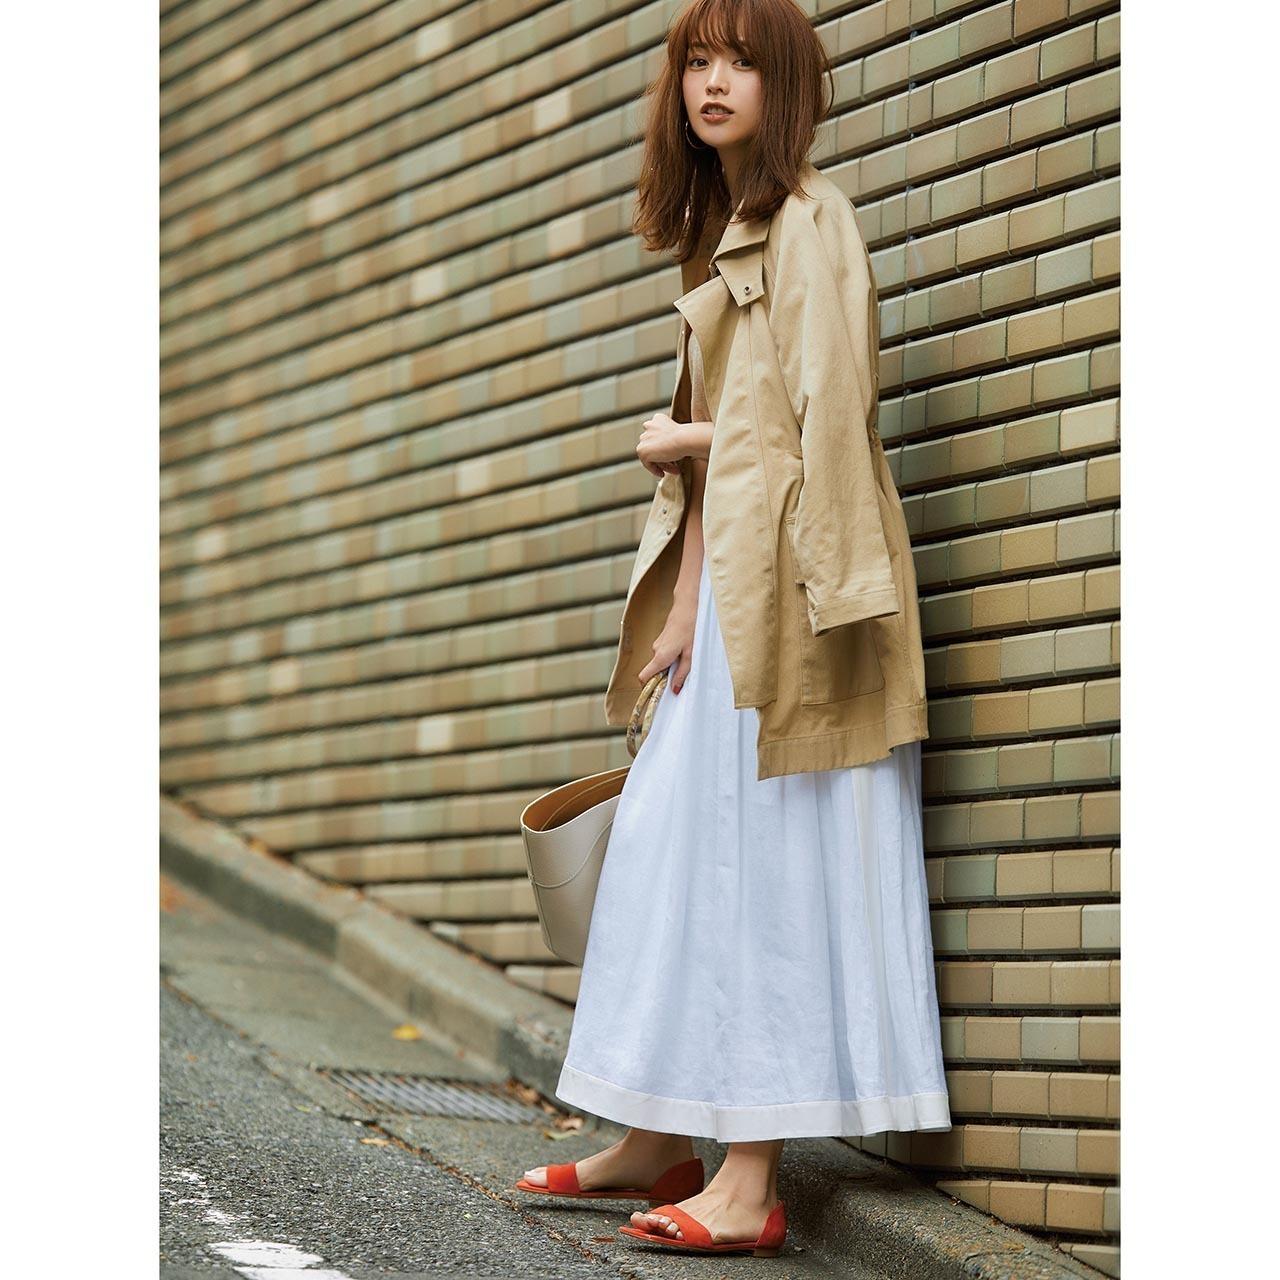 ベージュのジャケット×白スカートコーデ